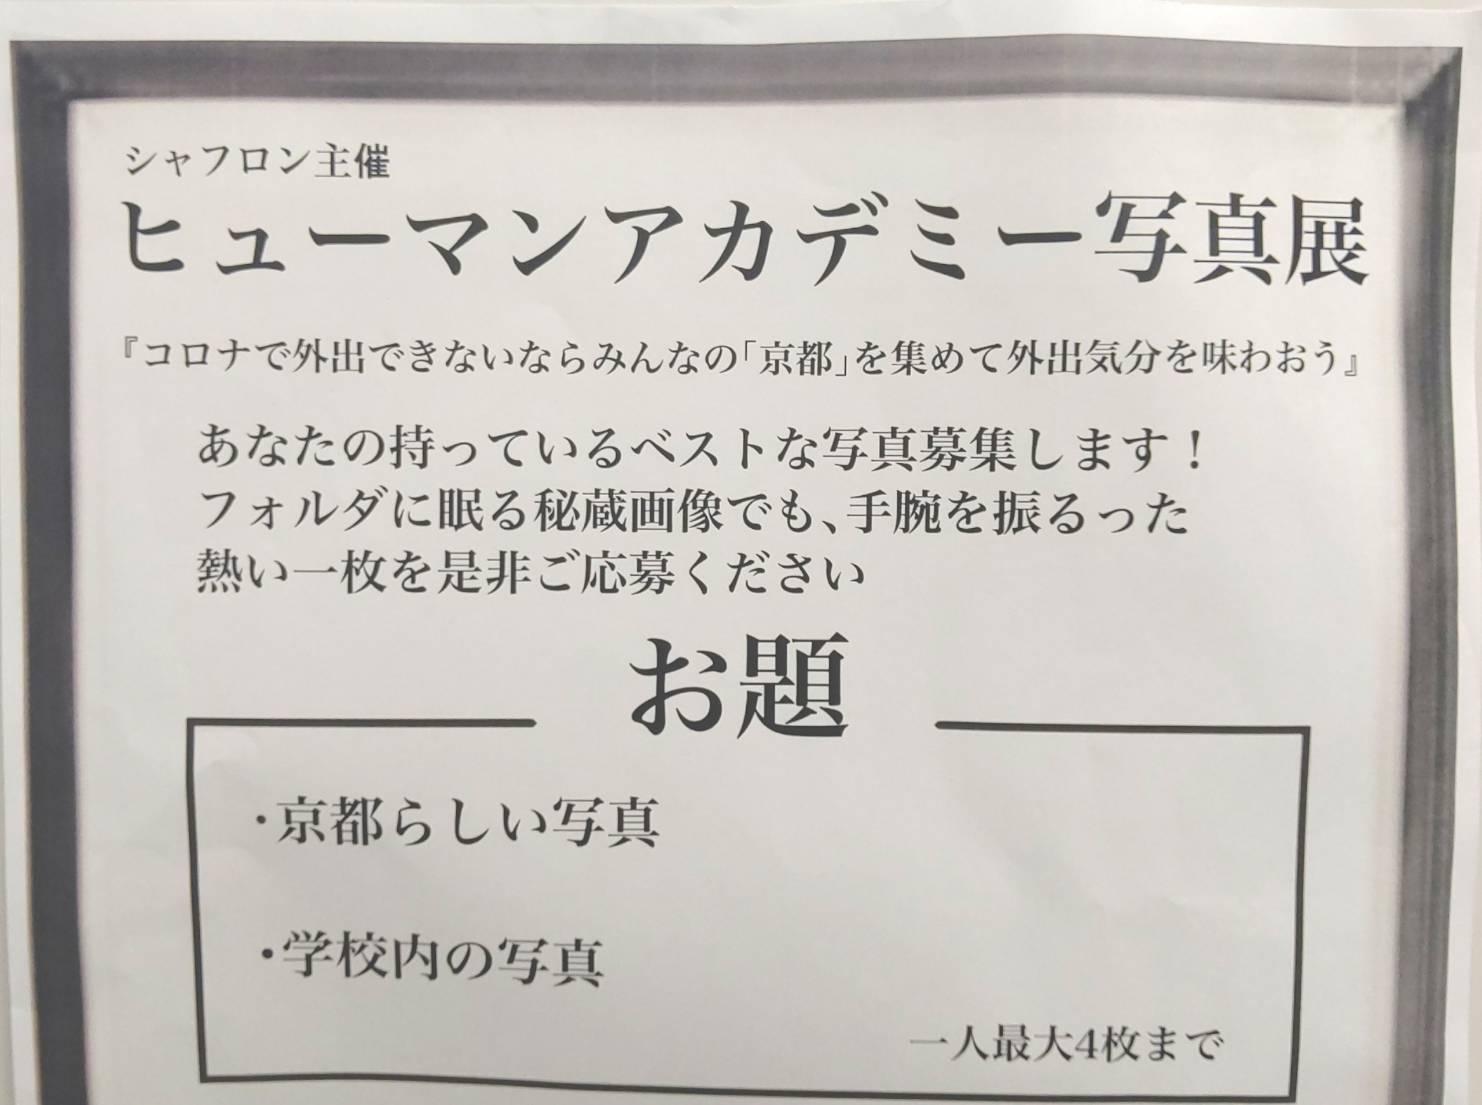 京都 ヒューマンアカデミー写真展0906 (2).jpg